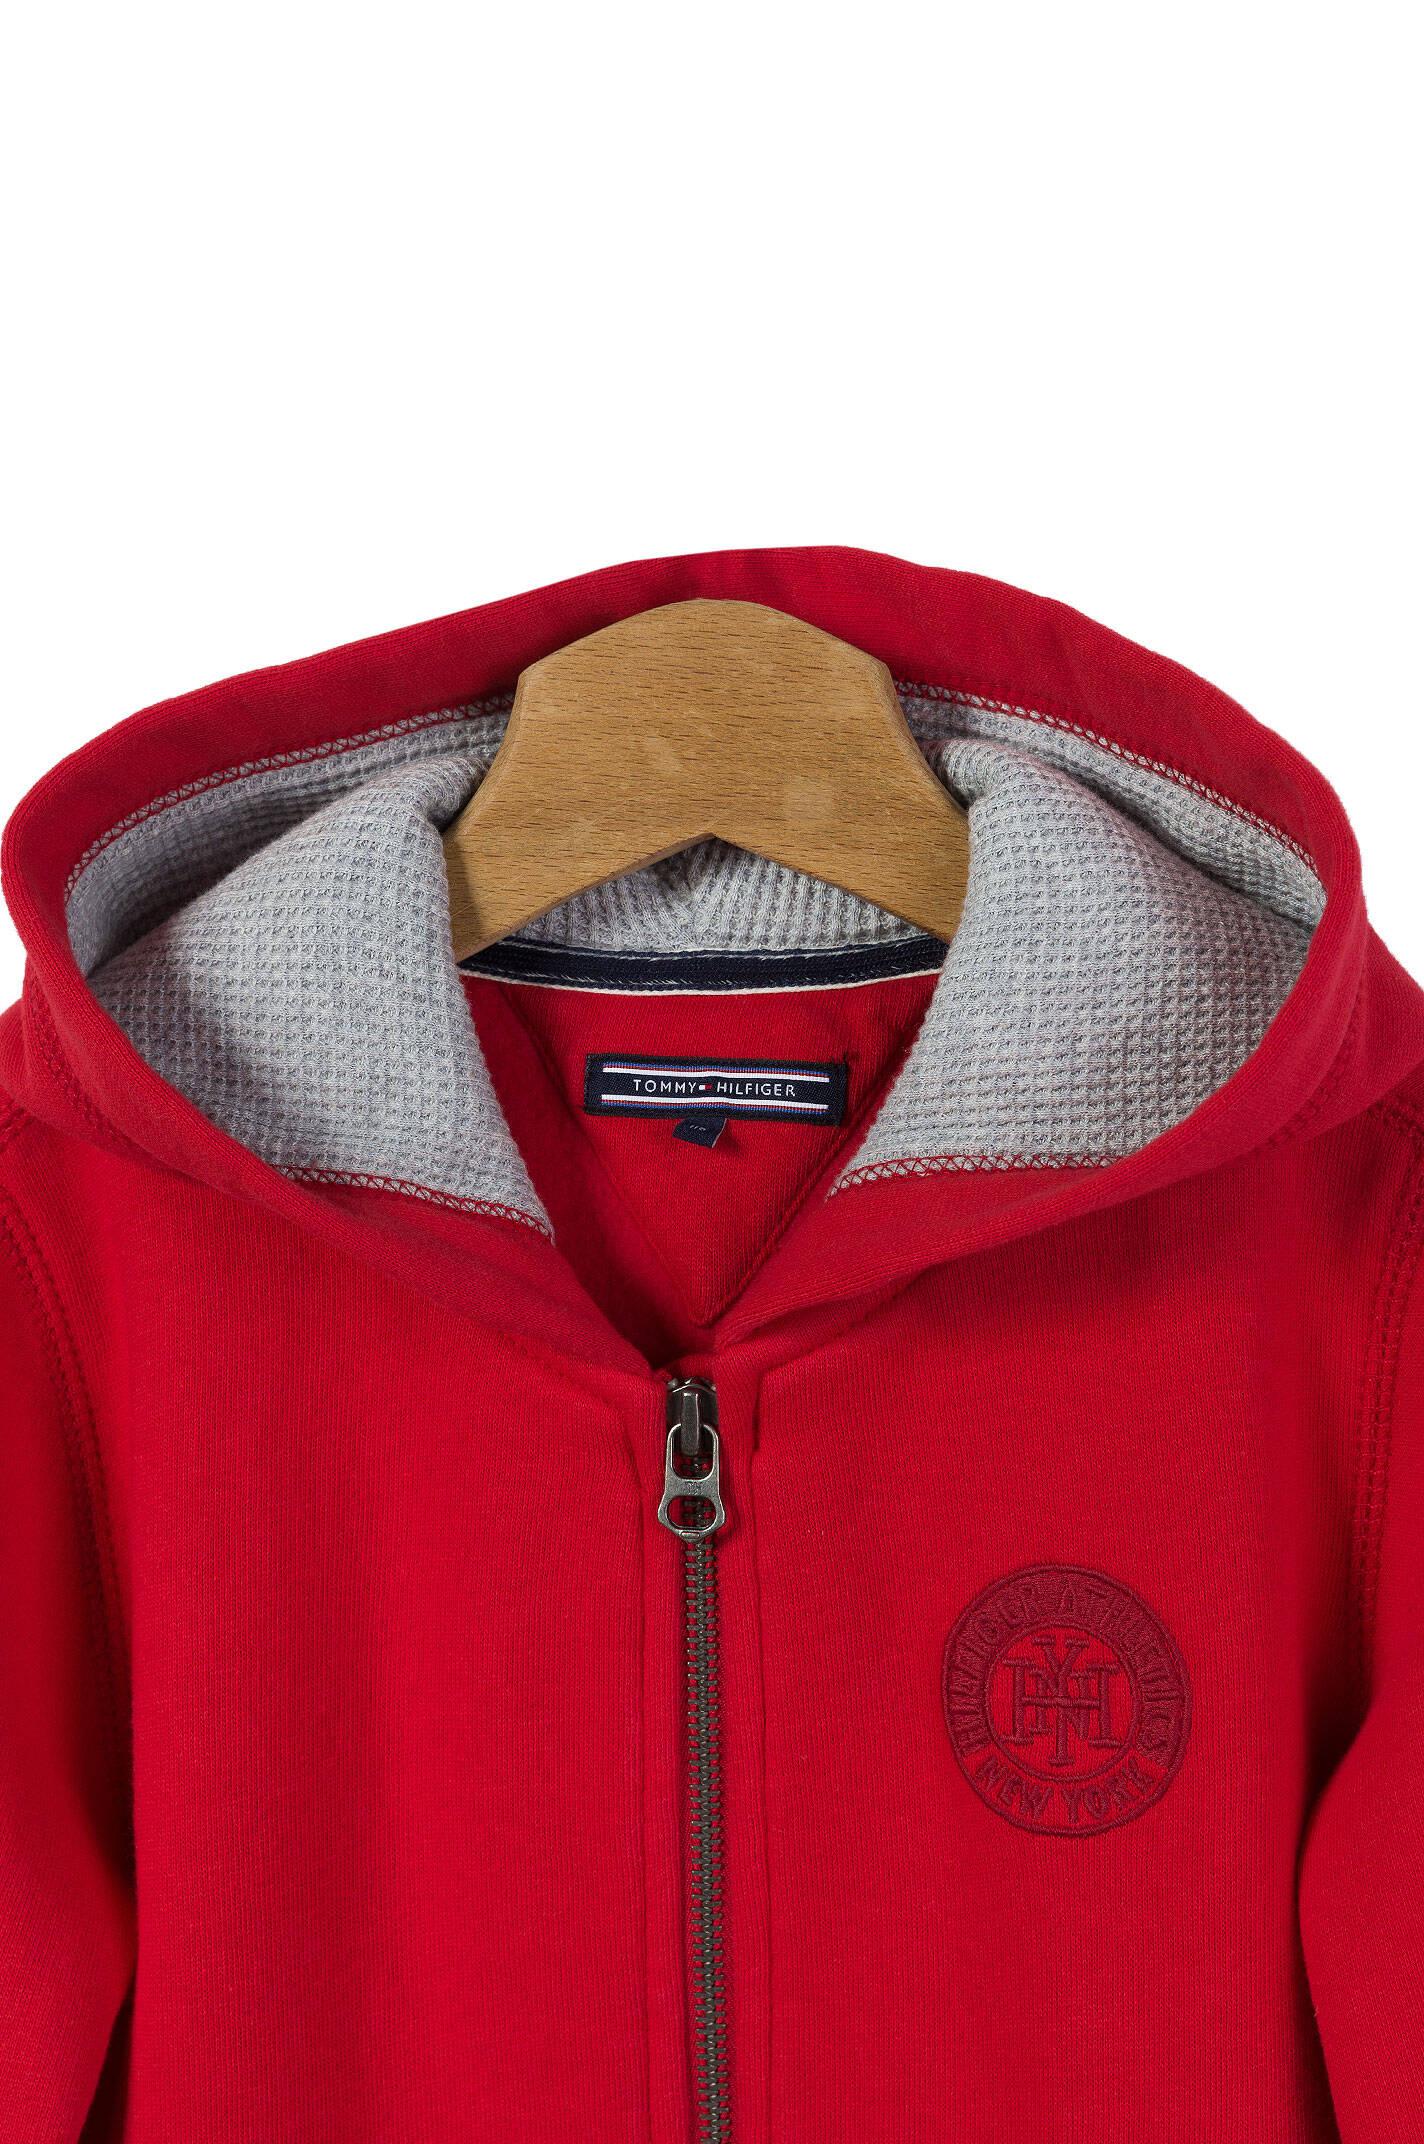 city sweatshirt tommy hilfiger red. Black Bedroom Furniture Sets. Home Design Ideas